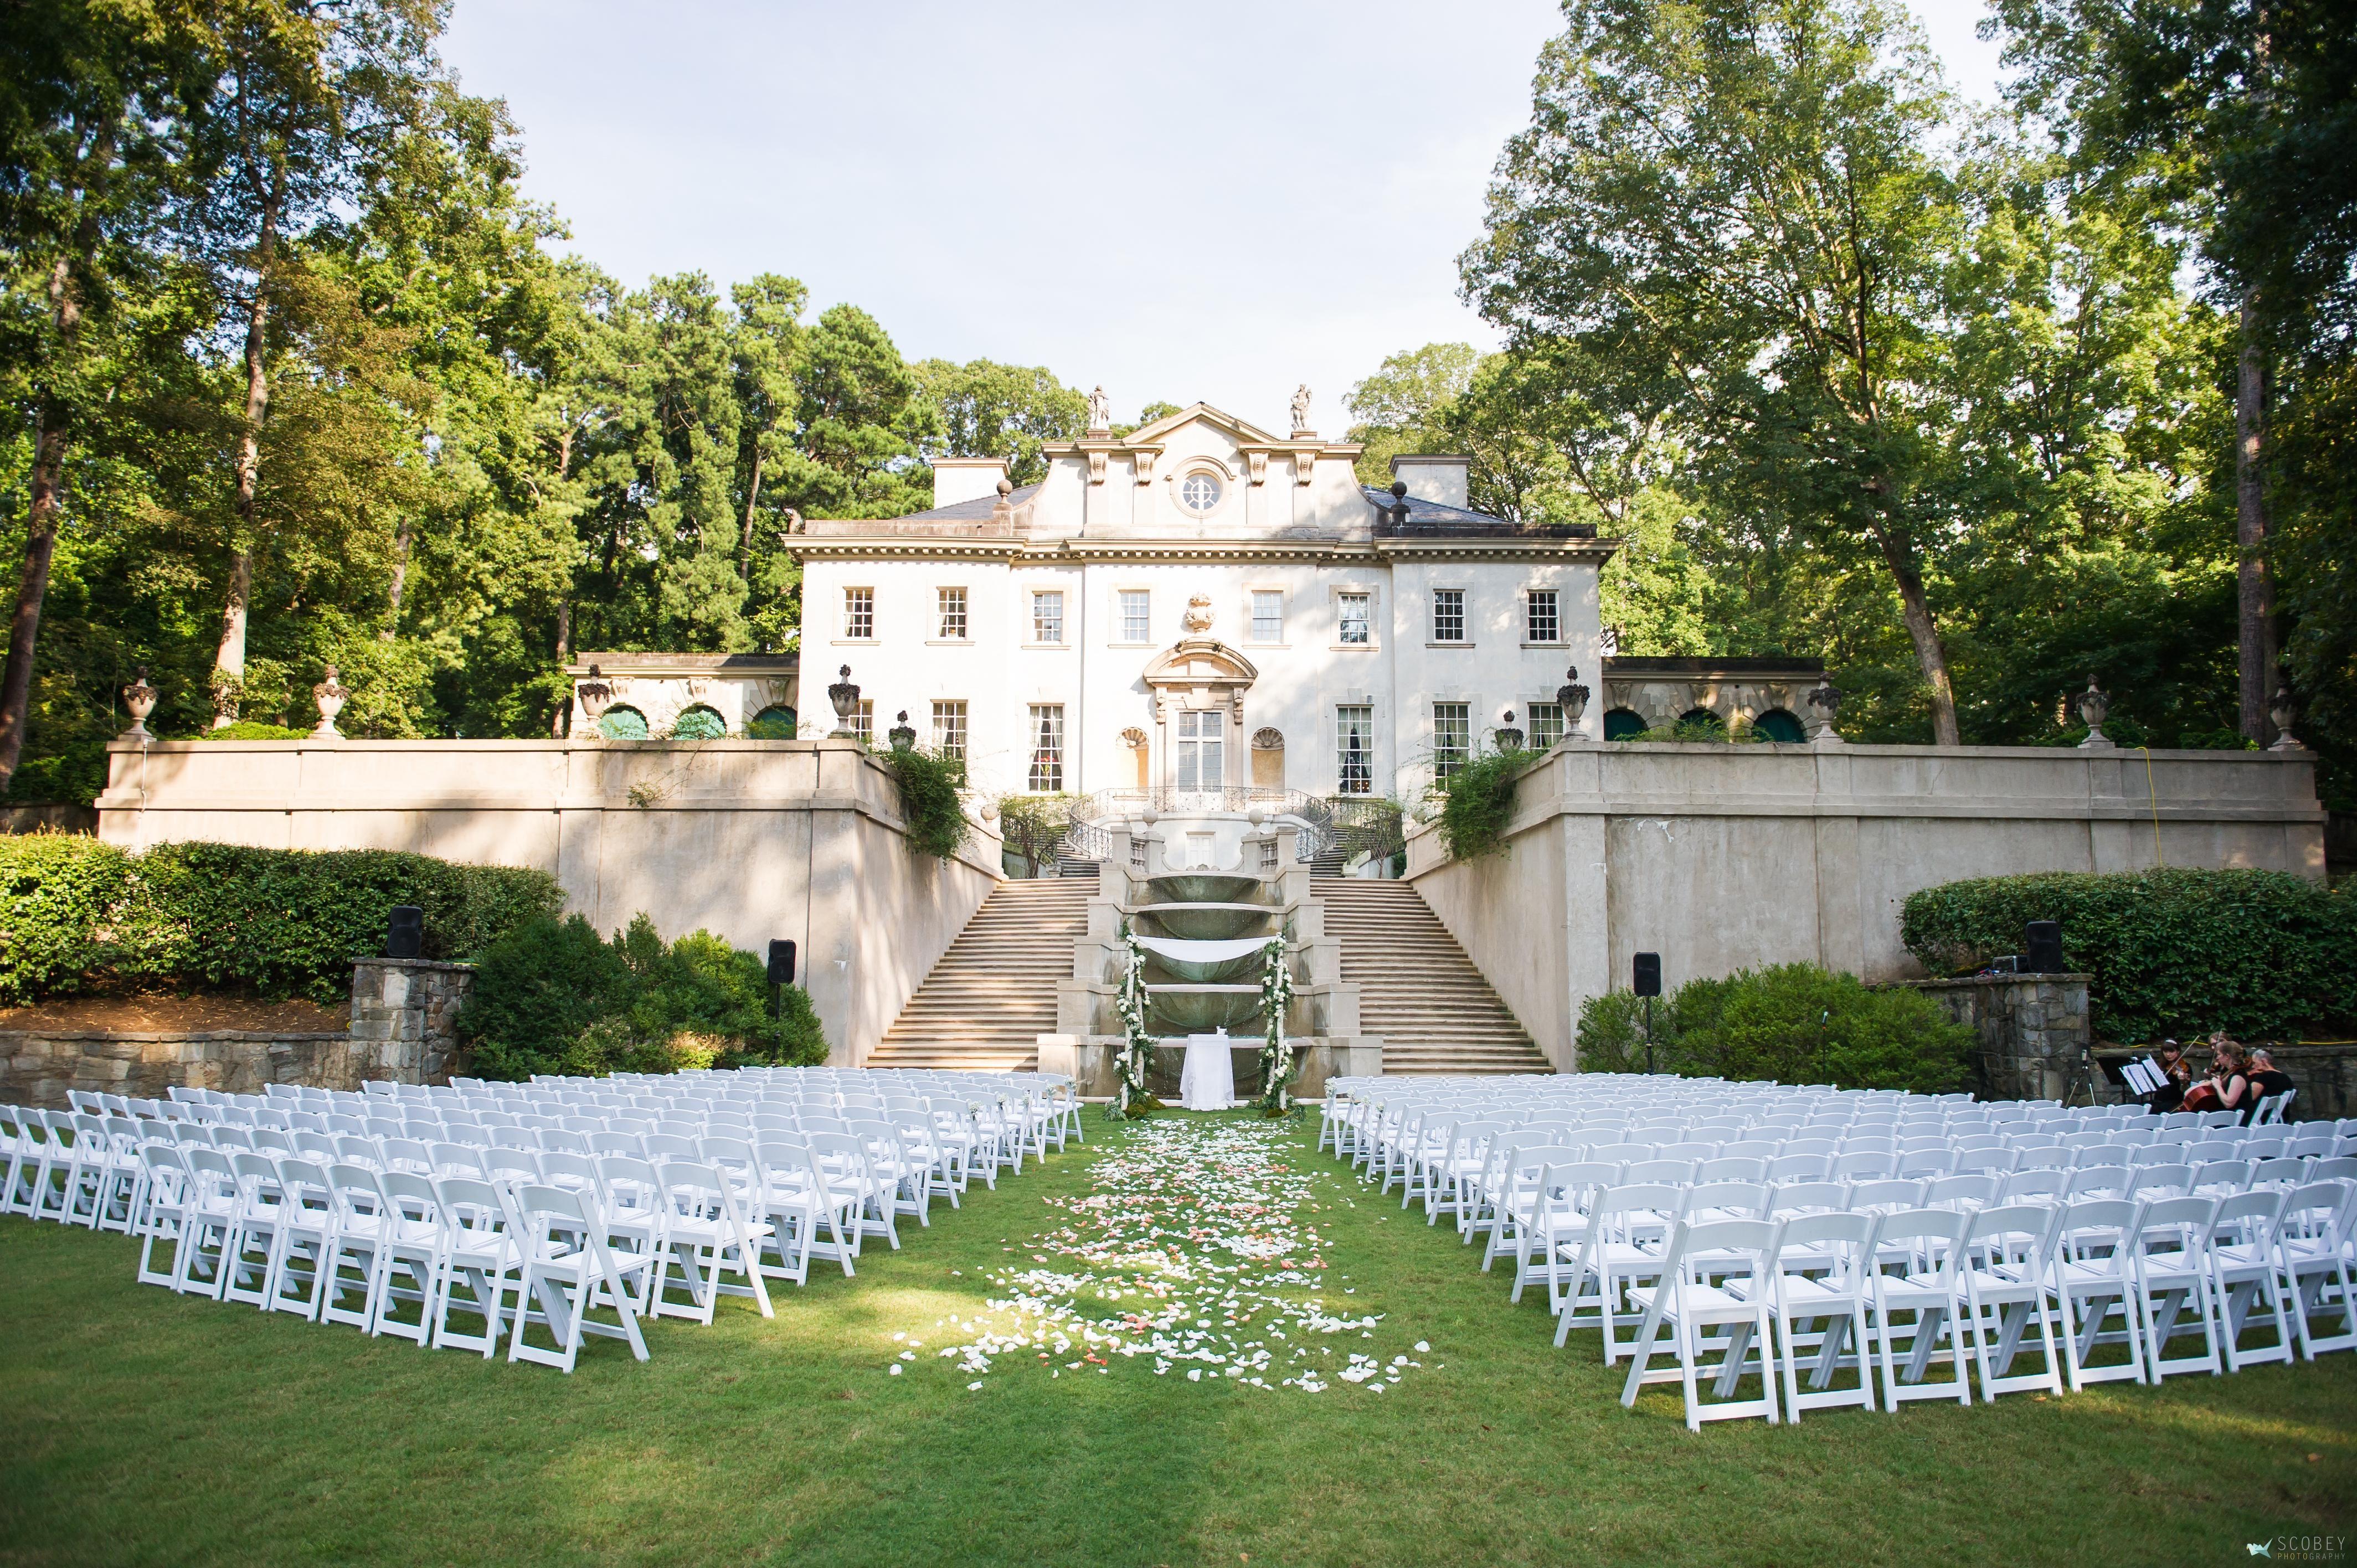 9 Romantic Garden Wedding Venues Outdoor Wedding Venues